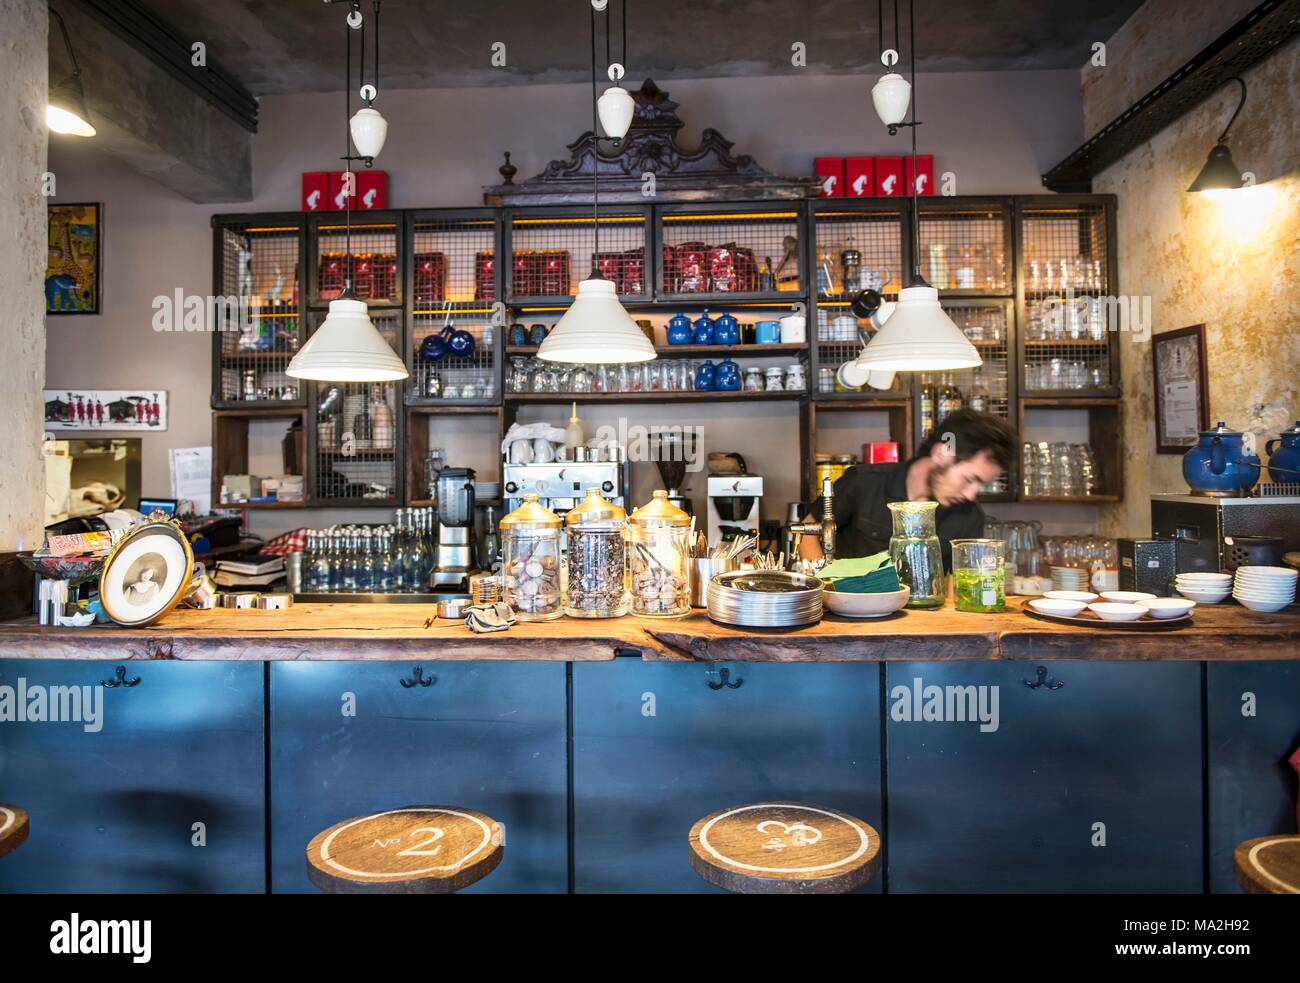 Cafee Nar Dükkan, Istanbul, Turkey - Stock Image